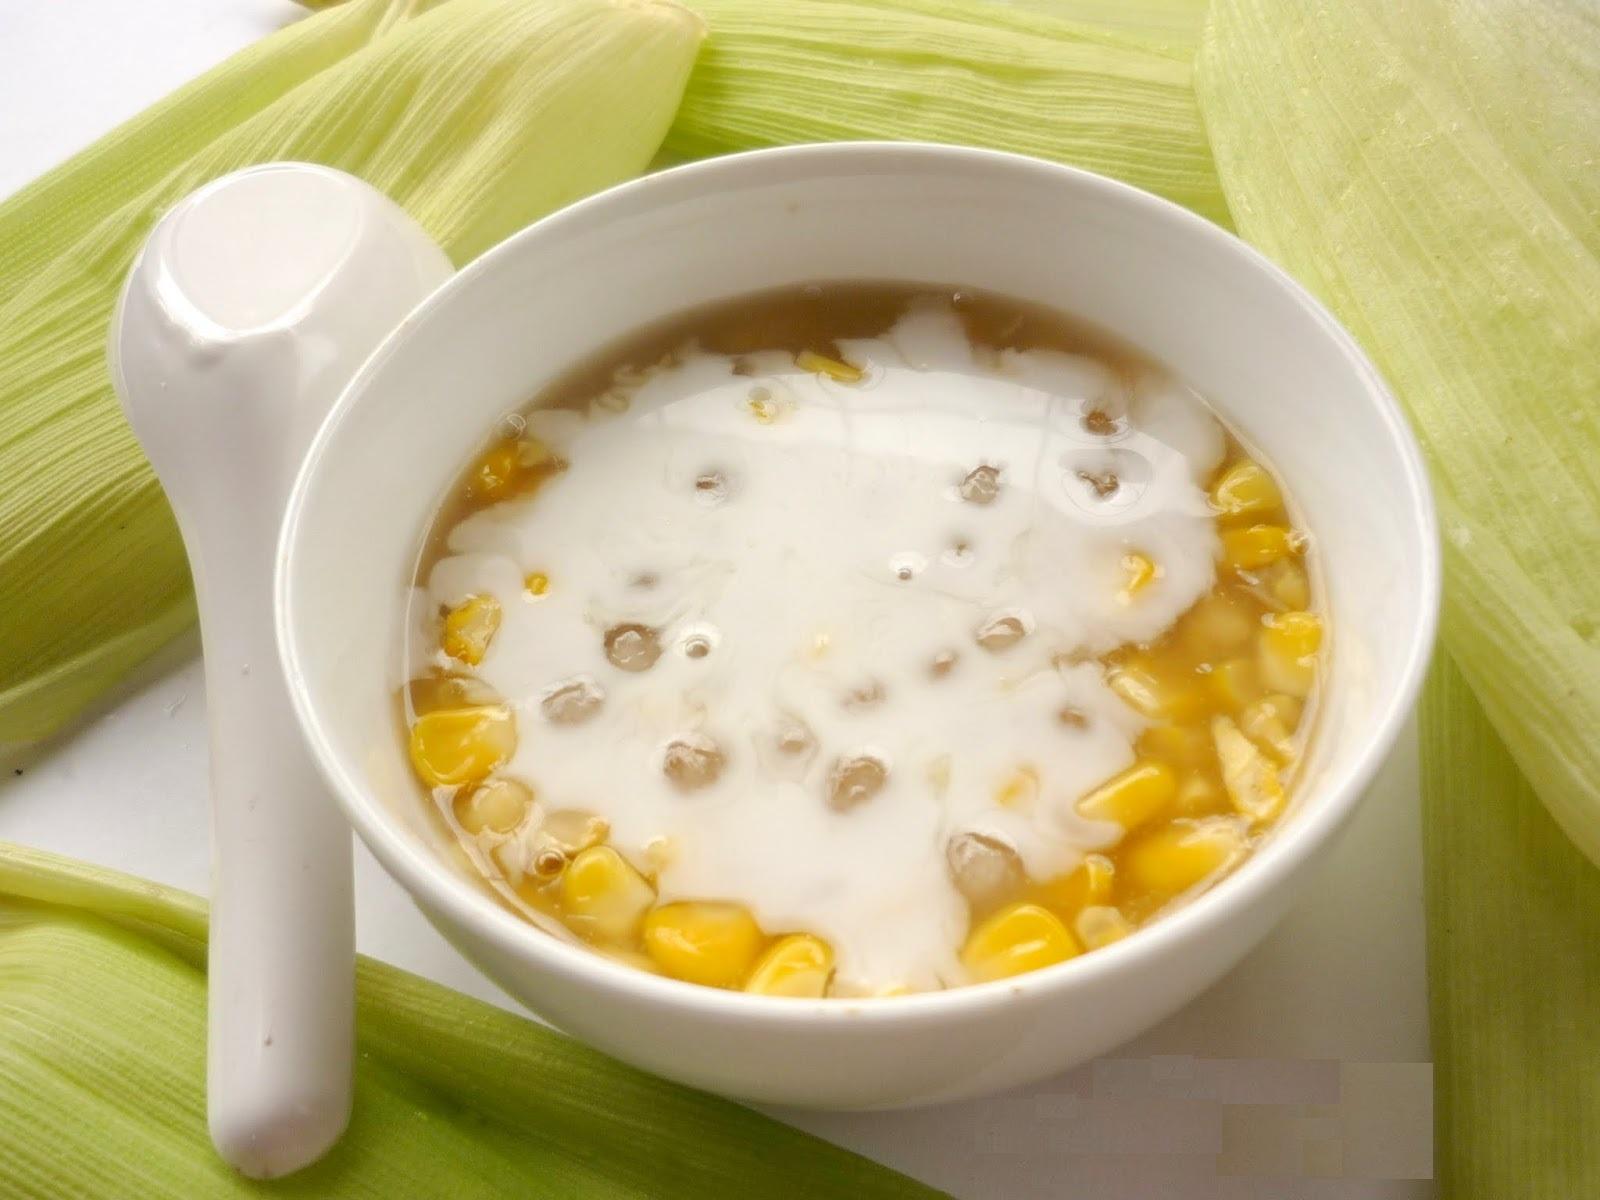 Các món chè ngon nổi tiếng xứ Huế phải nhắc đến món chè bắp béo ngậy nước cốt dừa